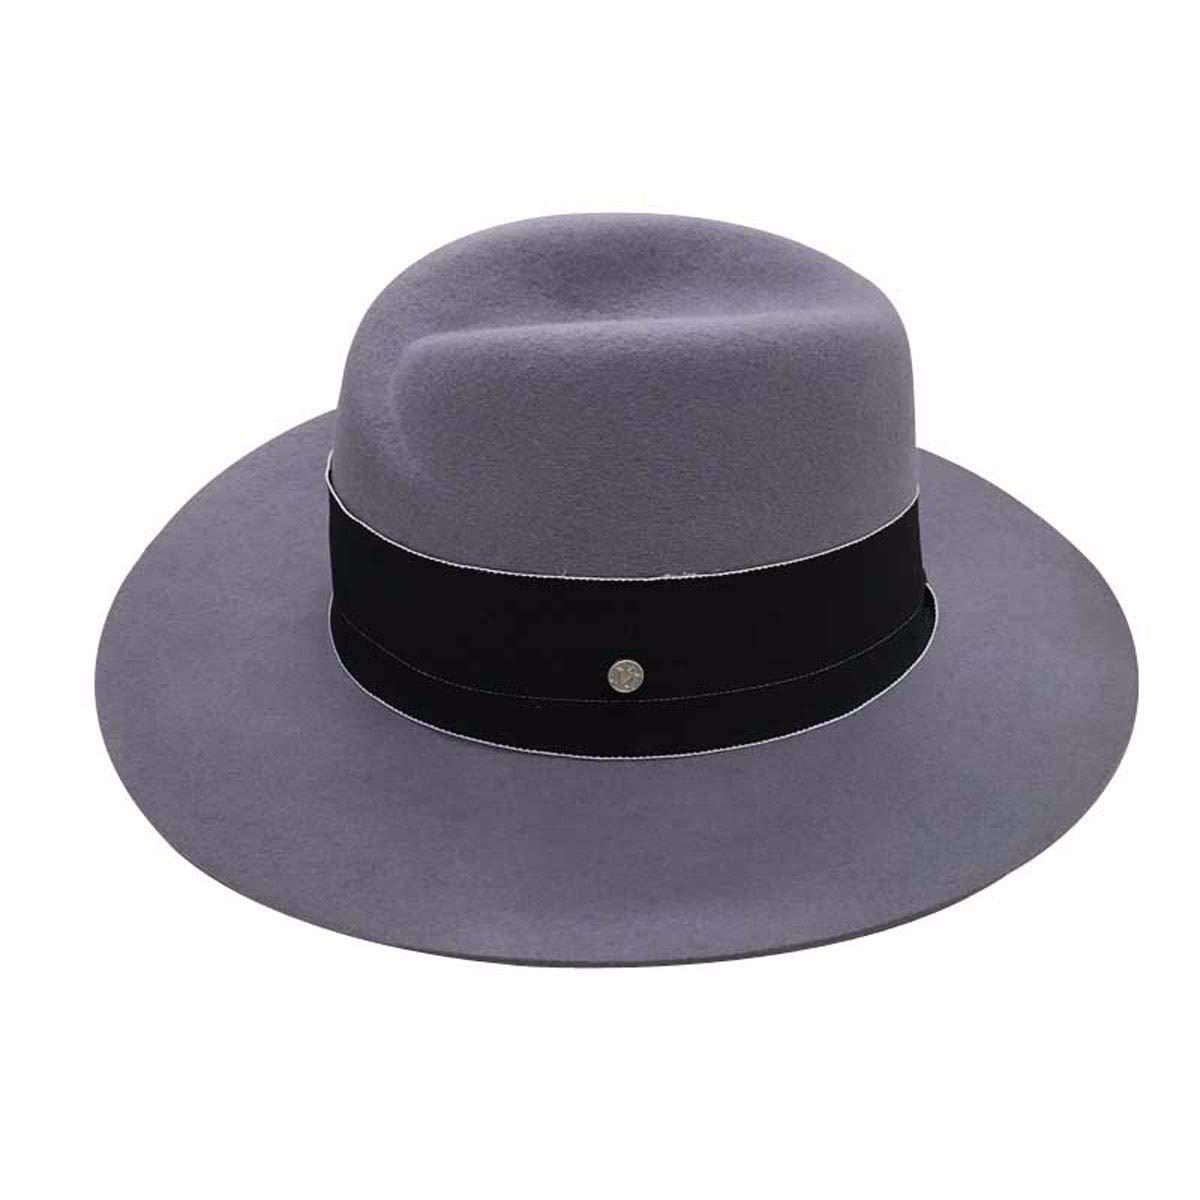 CYSJW-Todos En El Otoño Sombrero Y El Invierno El Mahoney Sombrero Otoño De Moda Cinta Sinuosa M Temperamento Cap 98d39e